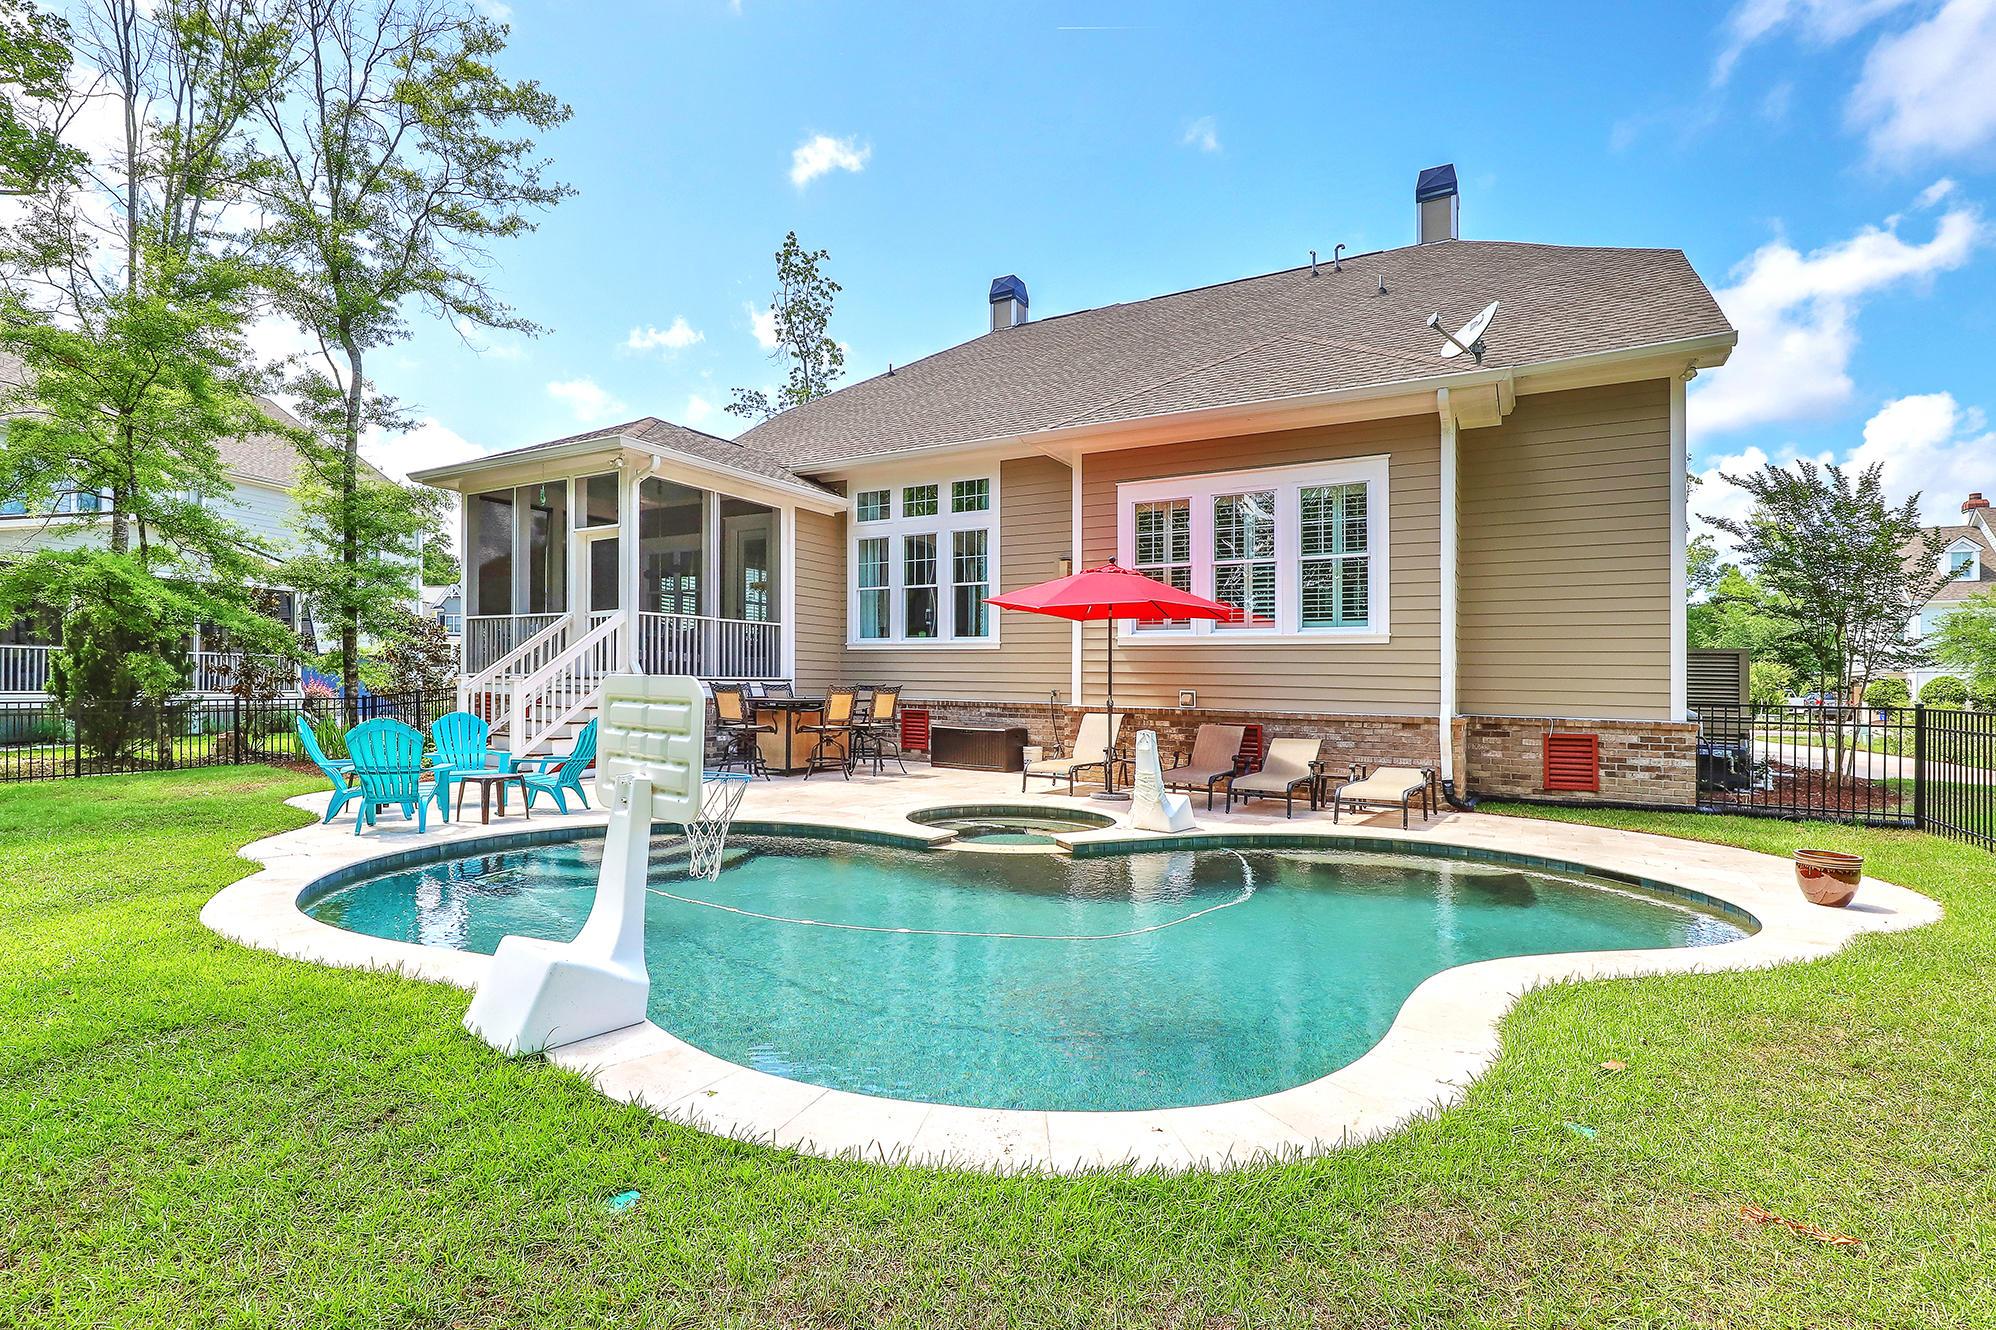 Park West Homes For Sale - 1516 Capel, Mount Pleasant, SC - 37